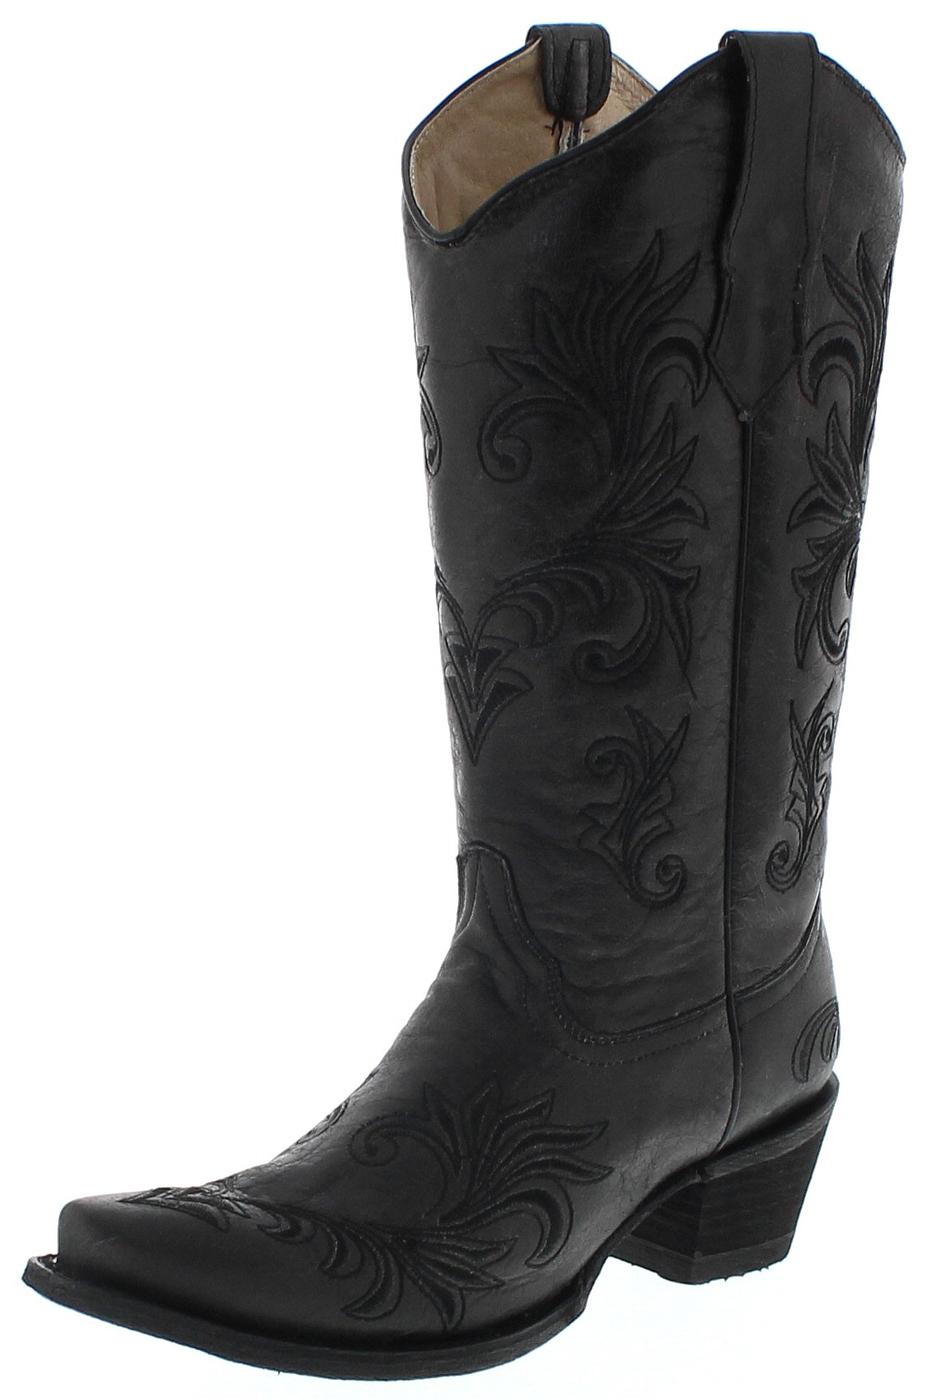 Circle G Boots L5142 Black Damen Westernstiefel - schwarz